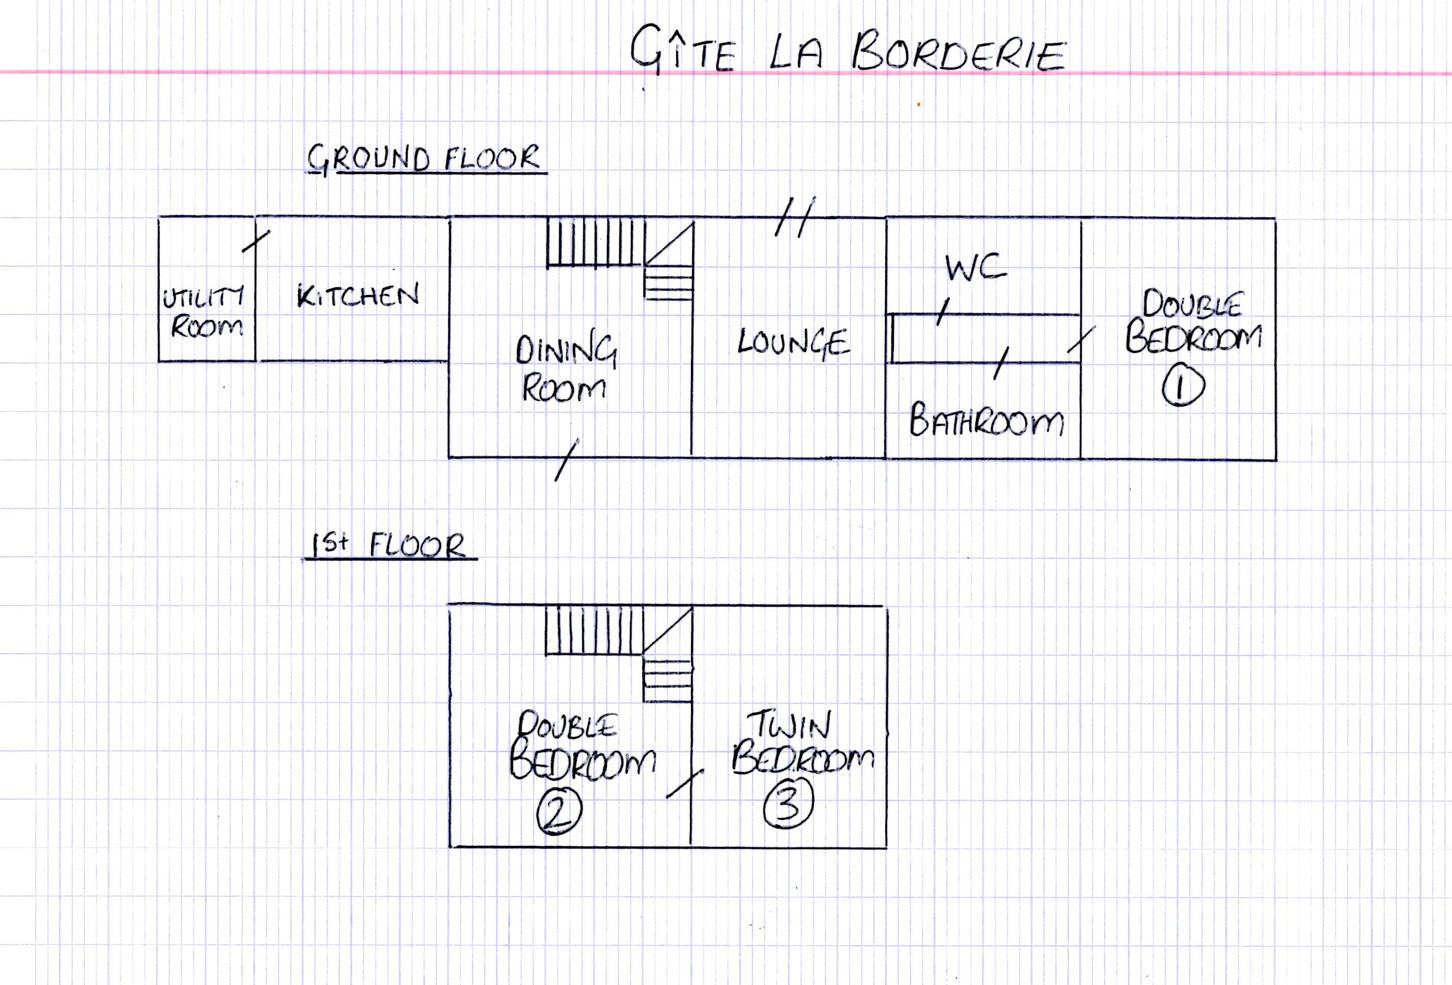 Gite La Borderie floor plan